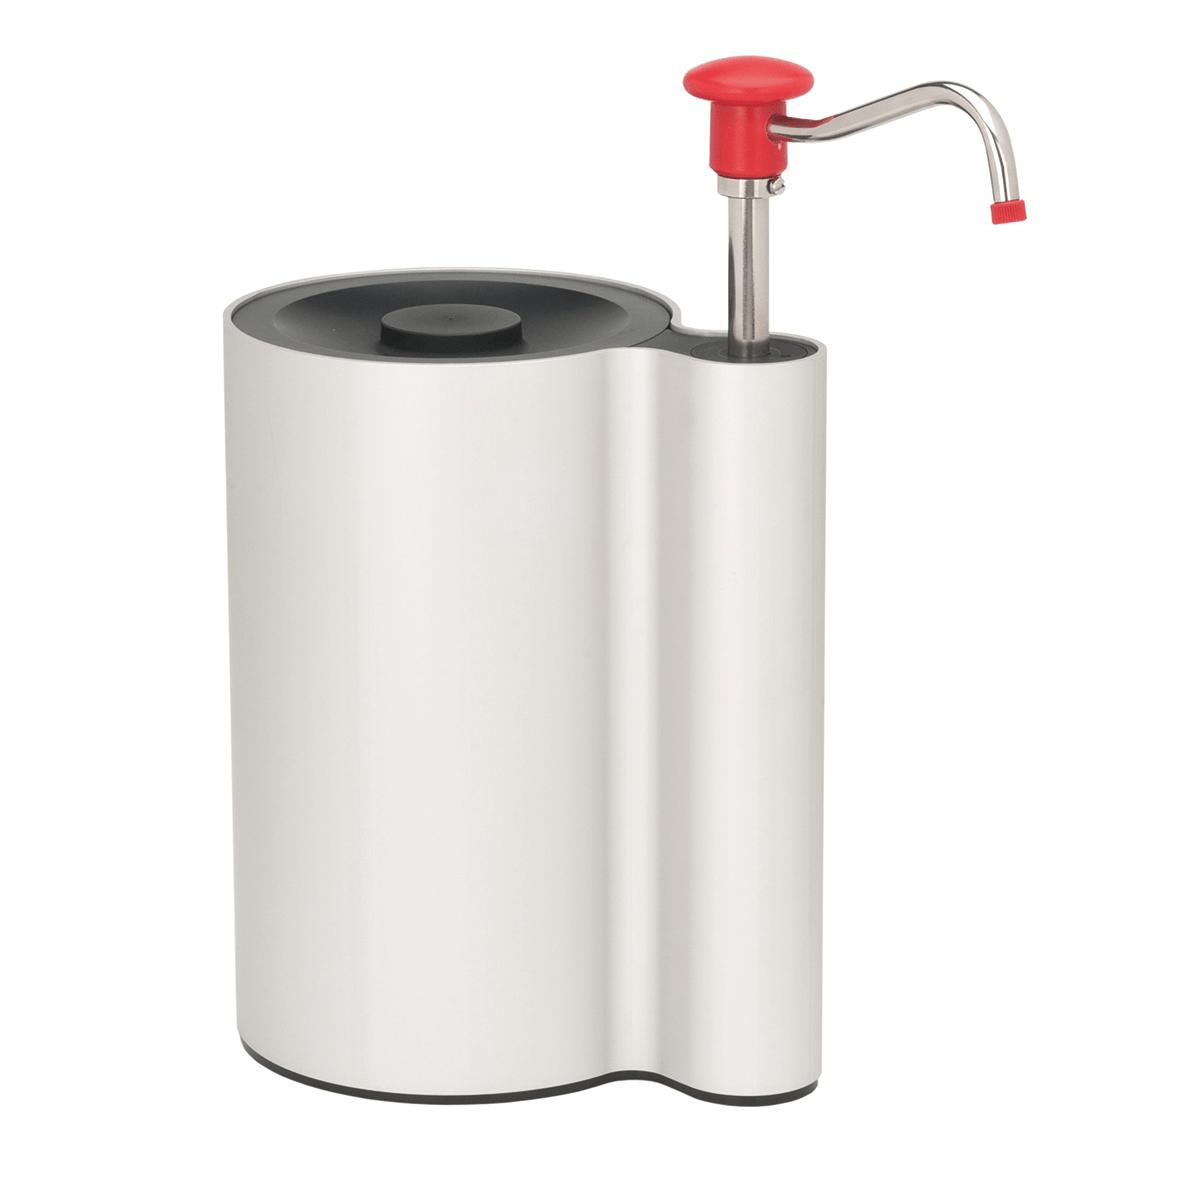 Dosatore A Pressione Con Contenitore In Pet Da 3 Litri